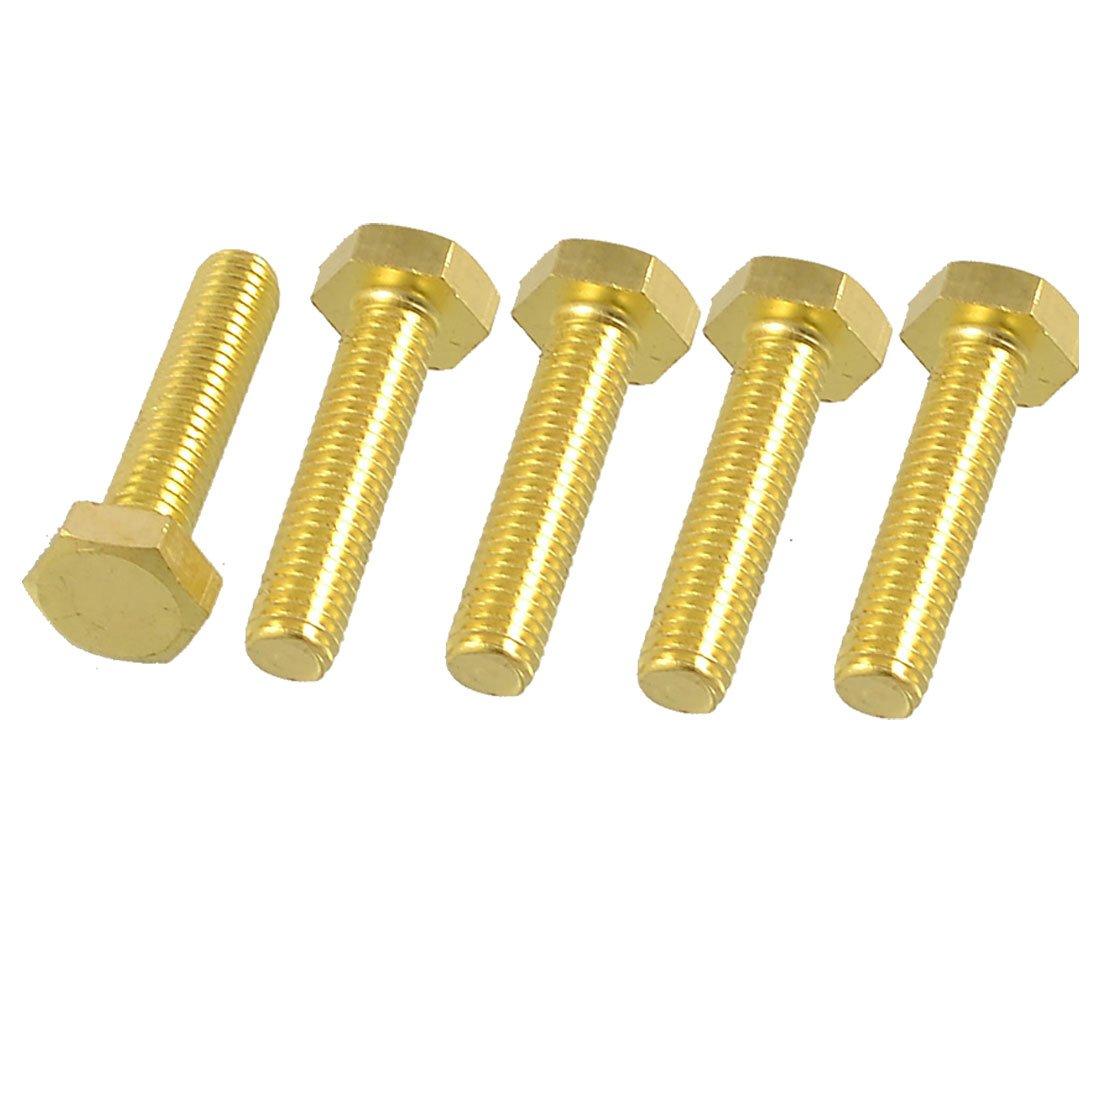 uxcell 5 x 8mm x 35mm Thread Hex Head Flat Tip Screws Solid Brass Fasteners